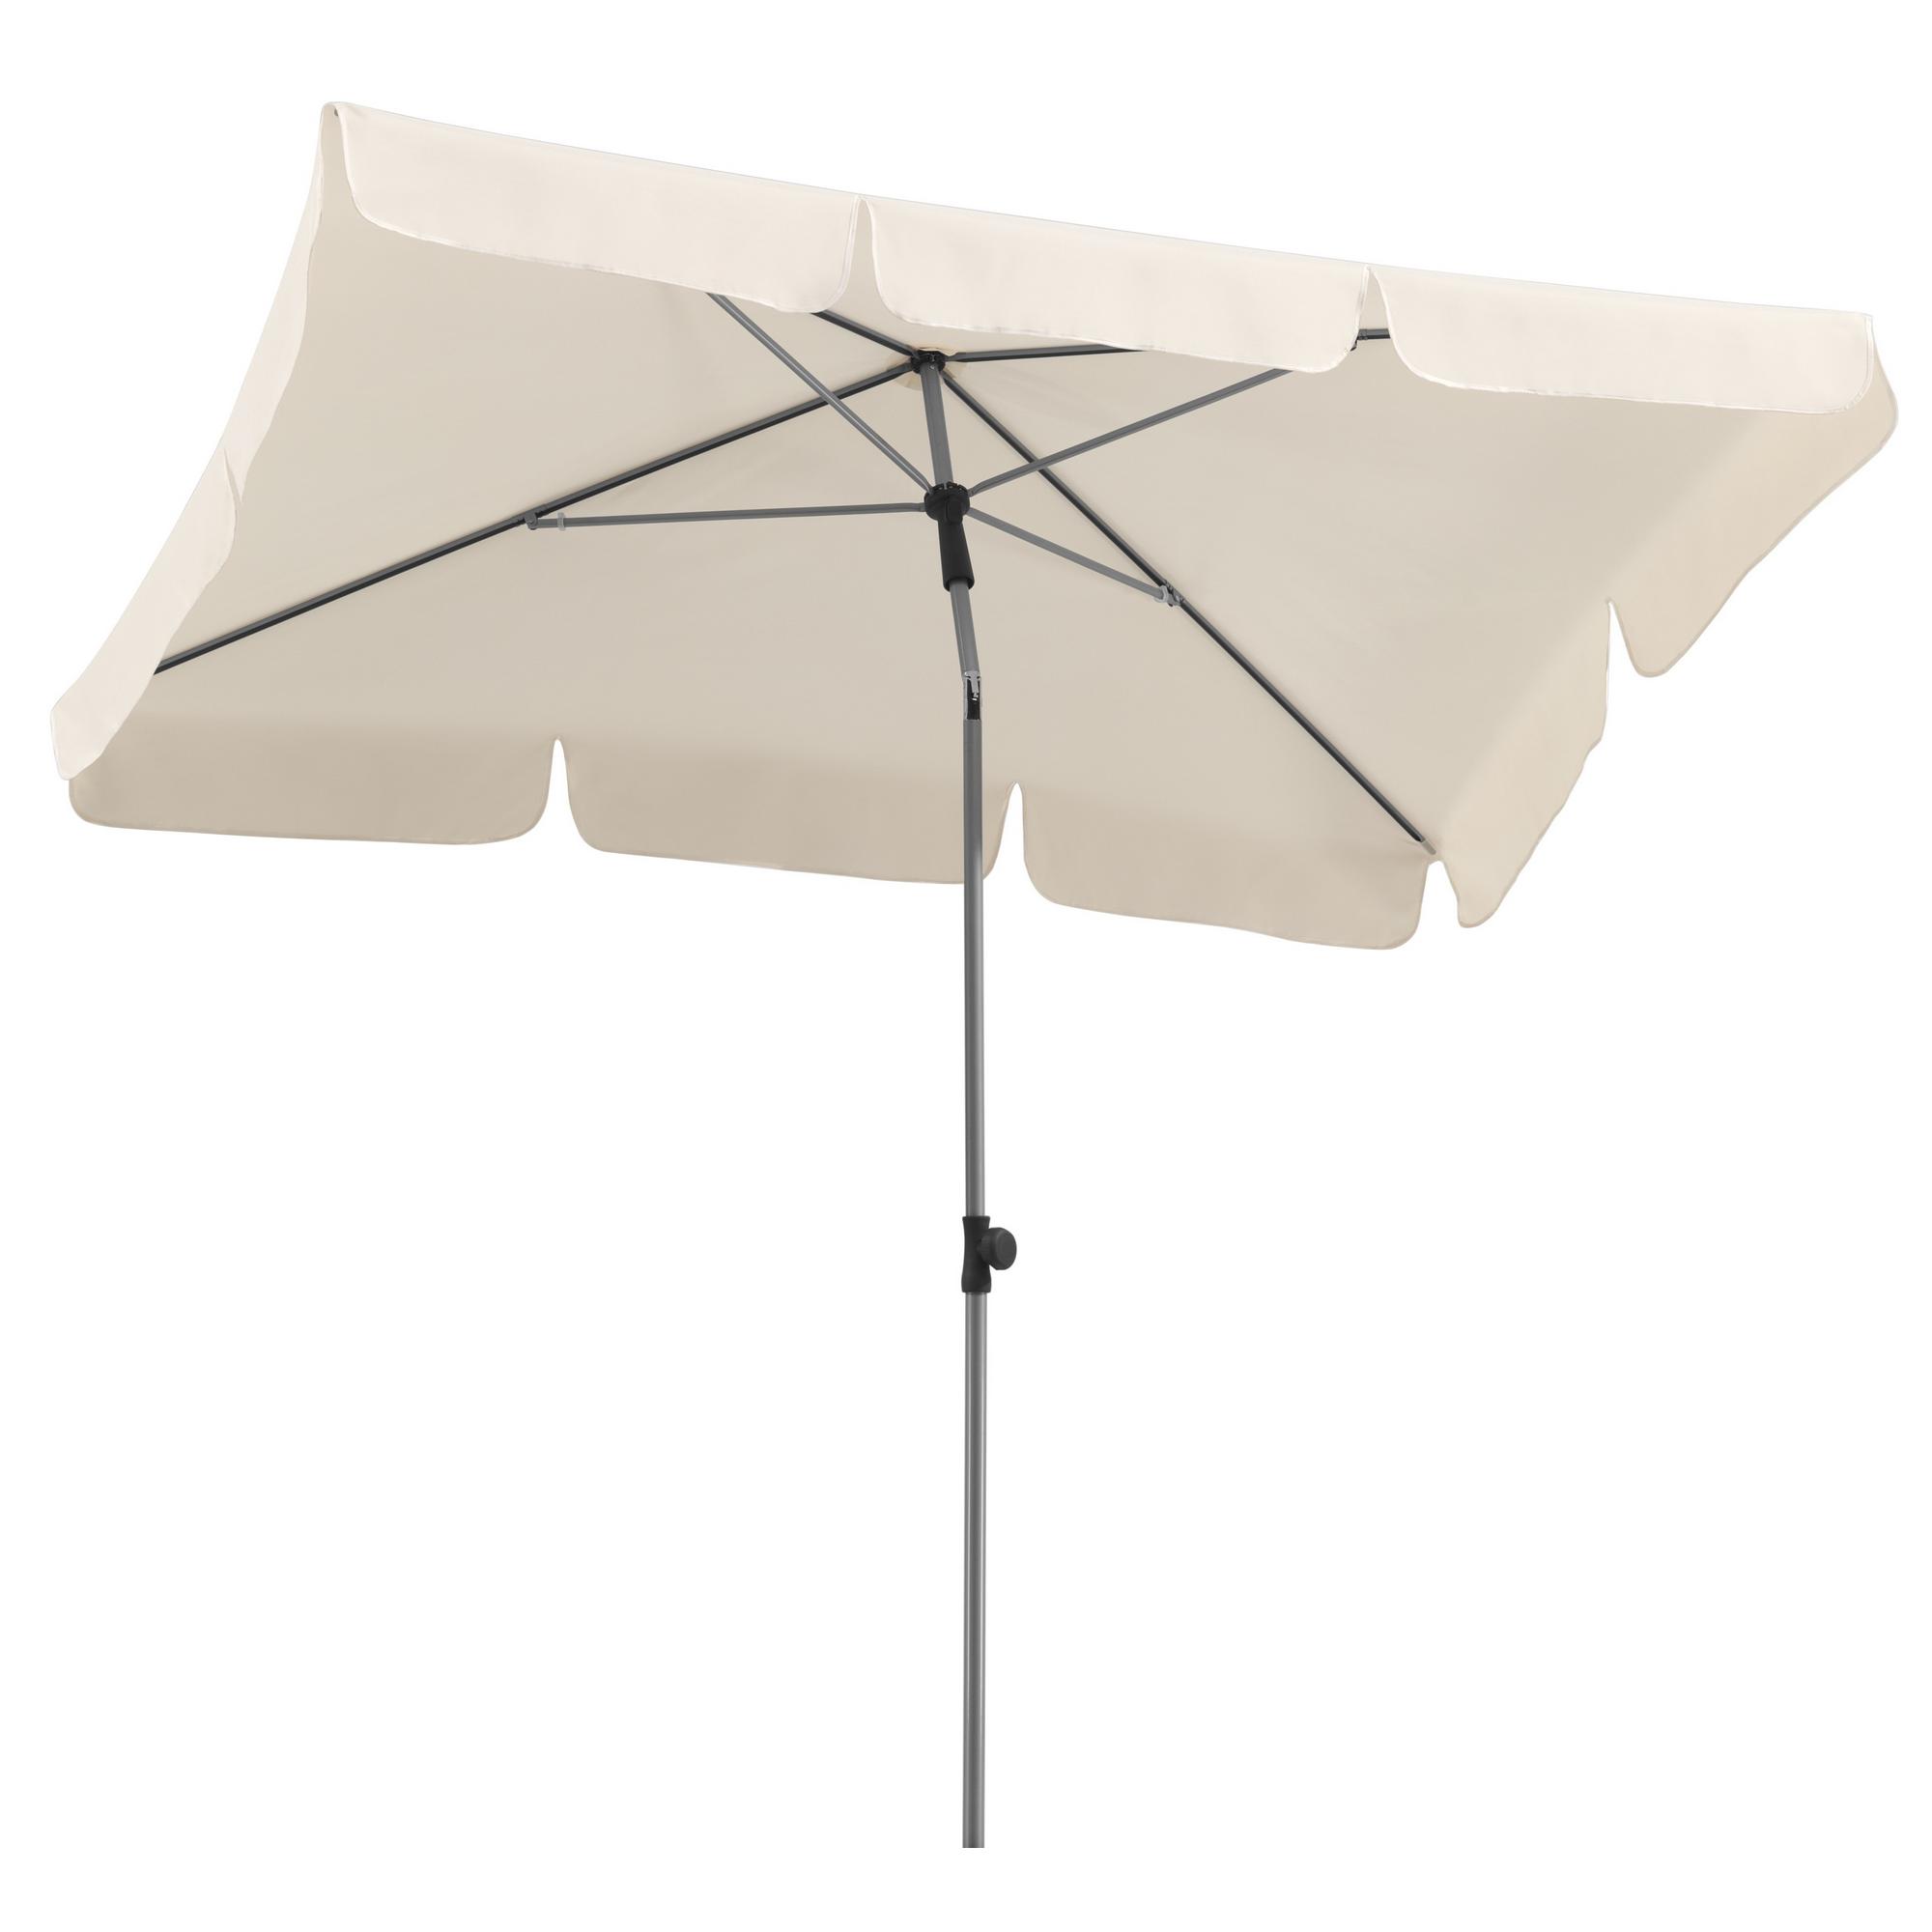 Schneider Schirme Sonnenschirm Lucarno, natur